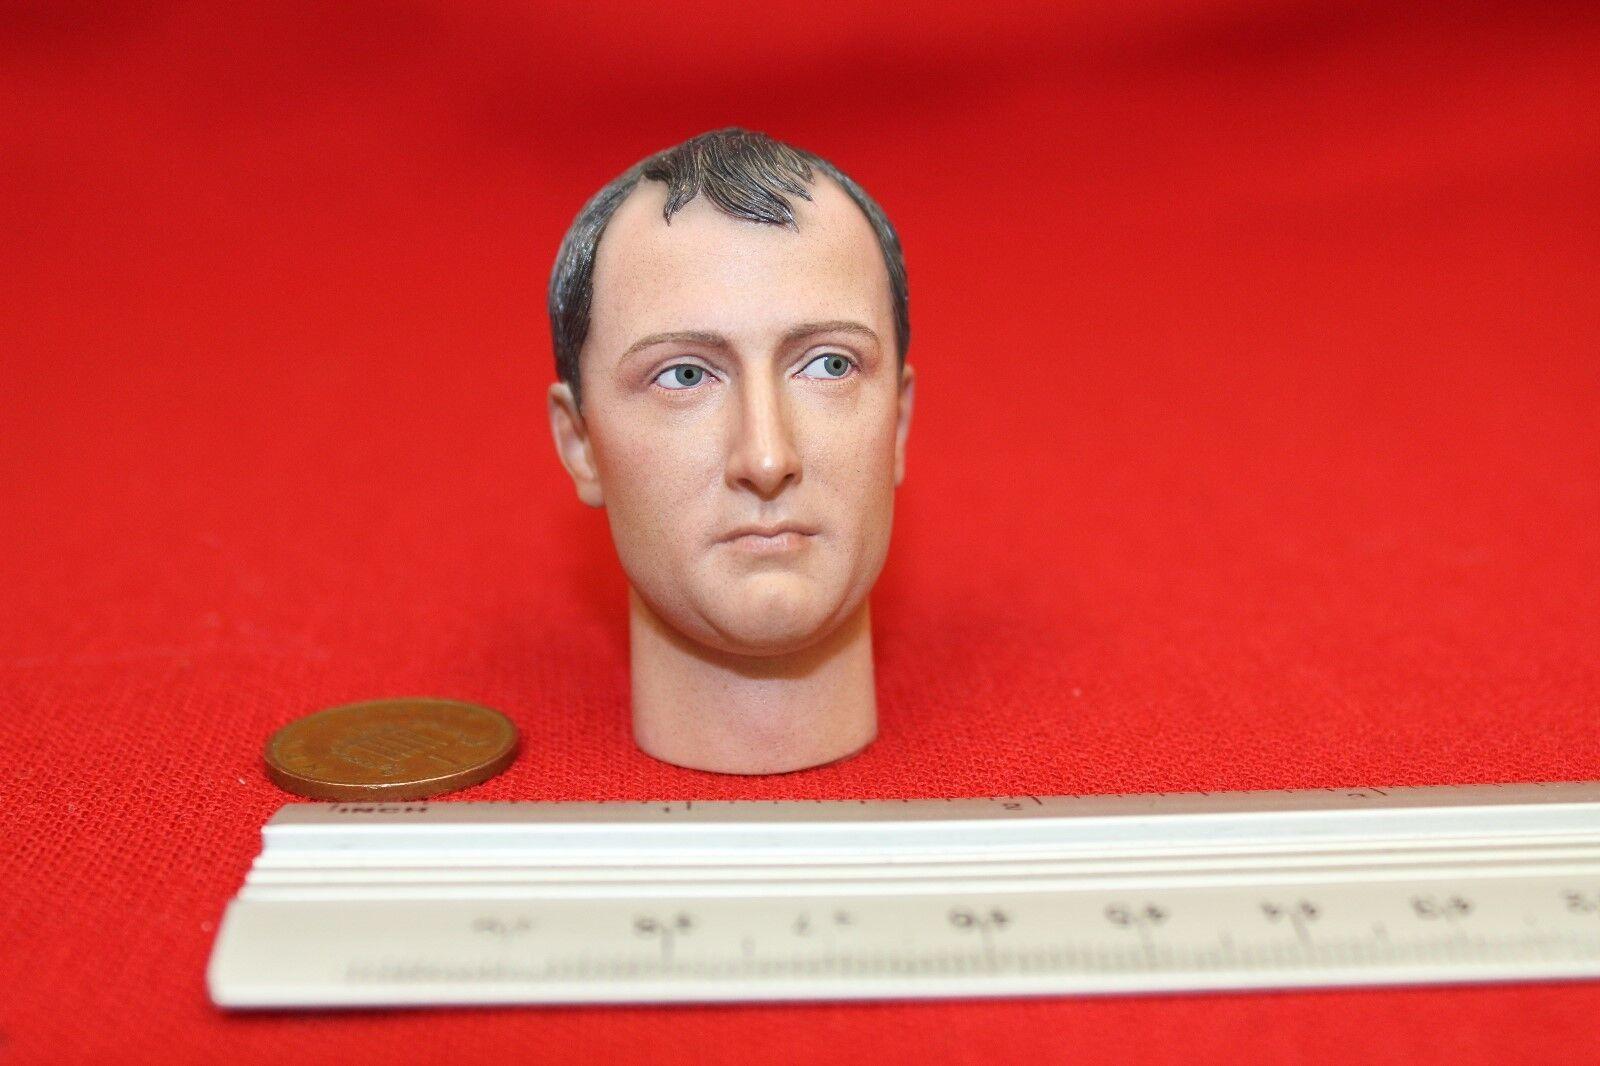 Dragon in Dreams ha  fatto 1 6TH SCALA SCULTURA TESTA Napoleonico Napoleone Bonaparte  a buon mercato